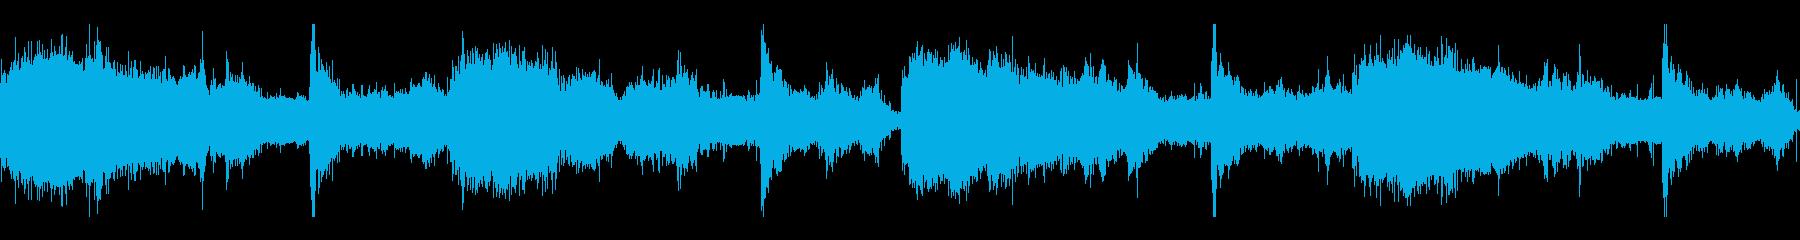 邪神を崇拝する者達の儀式音楽の再生済みの波形